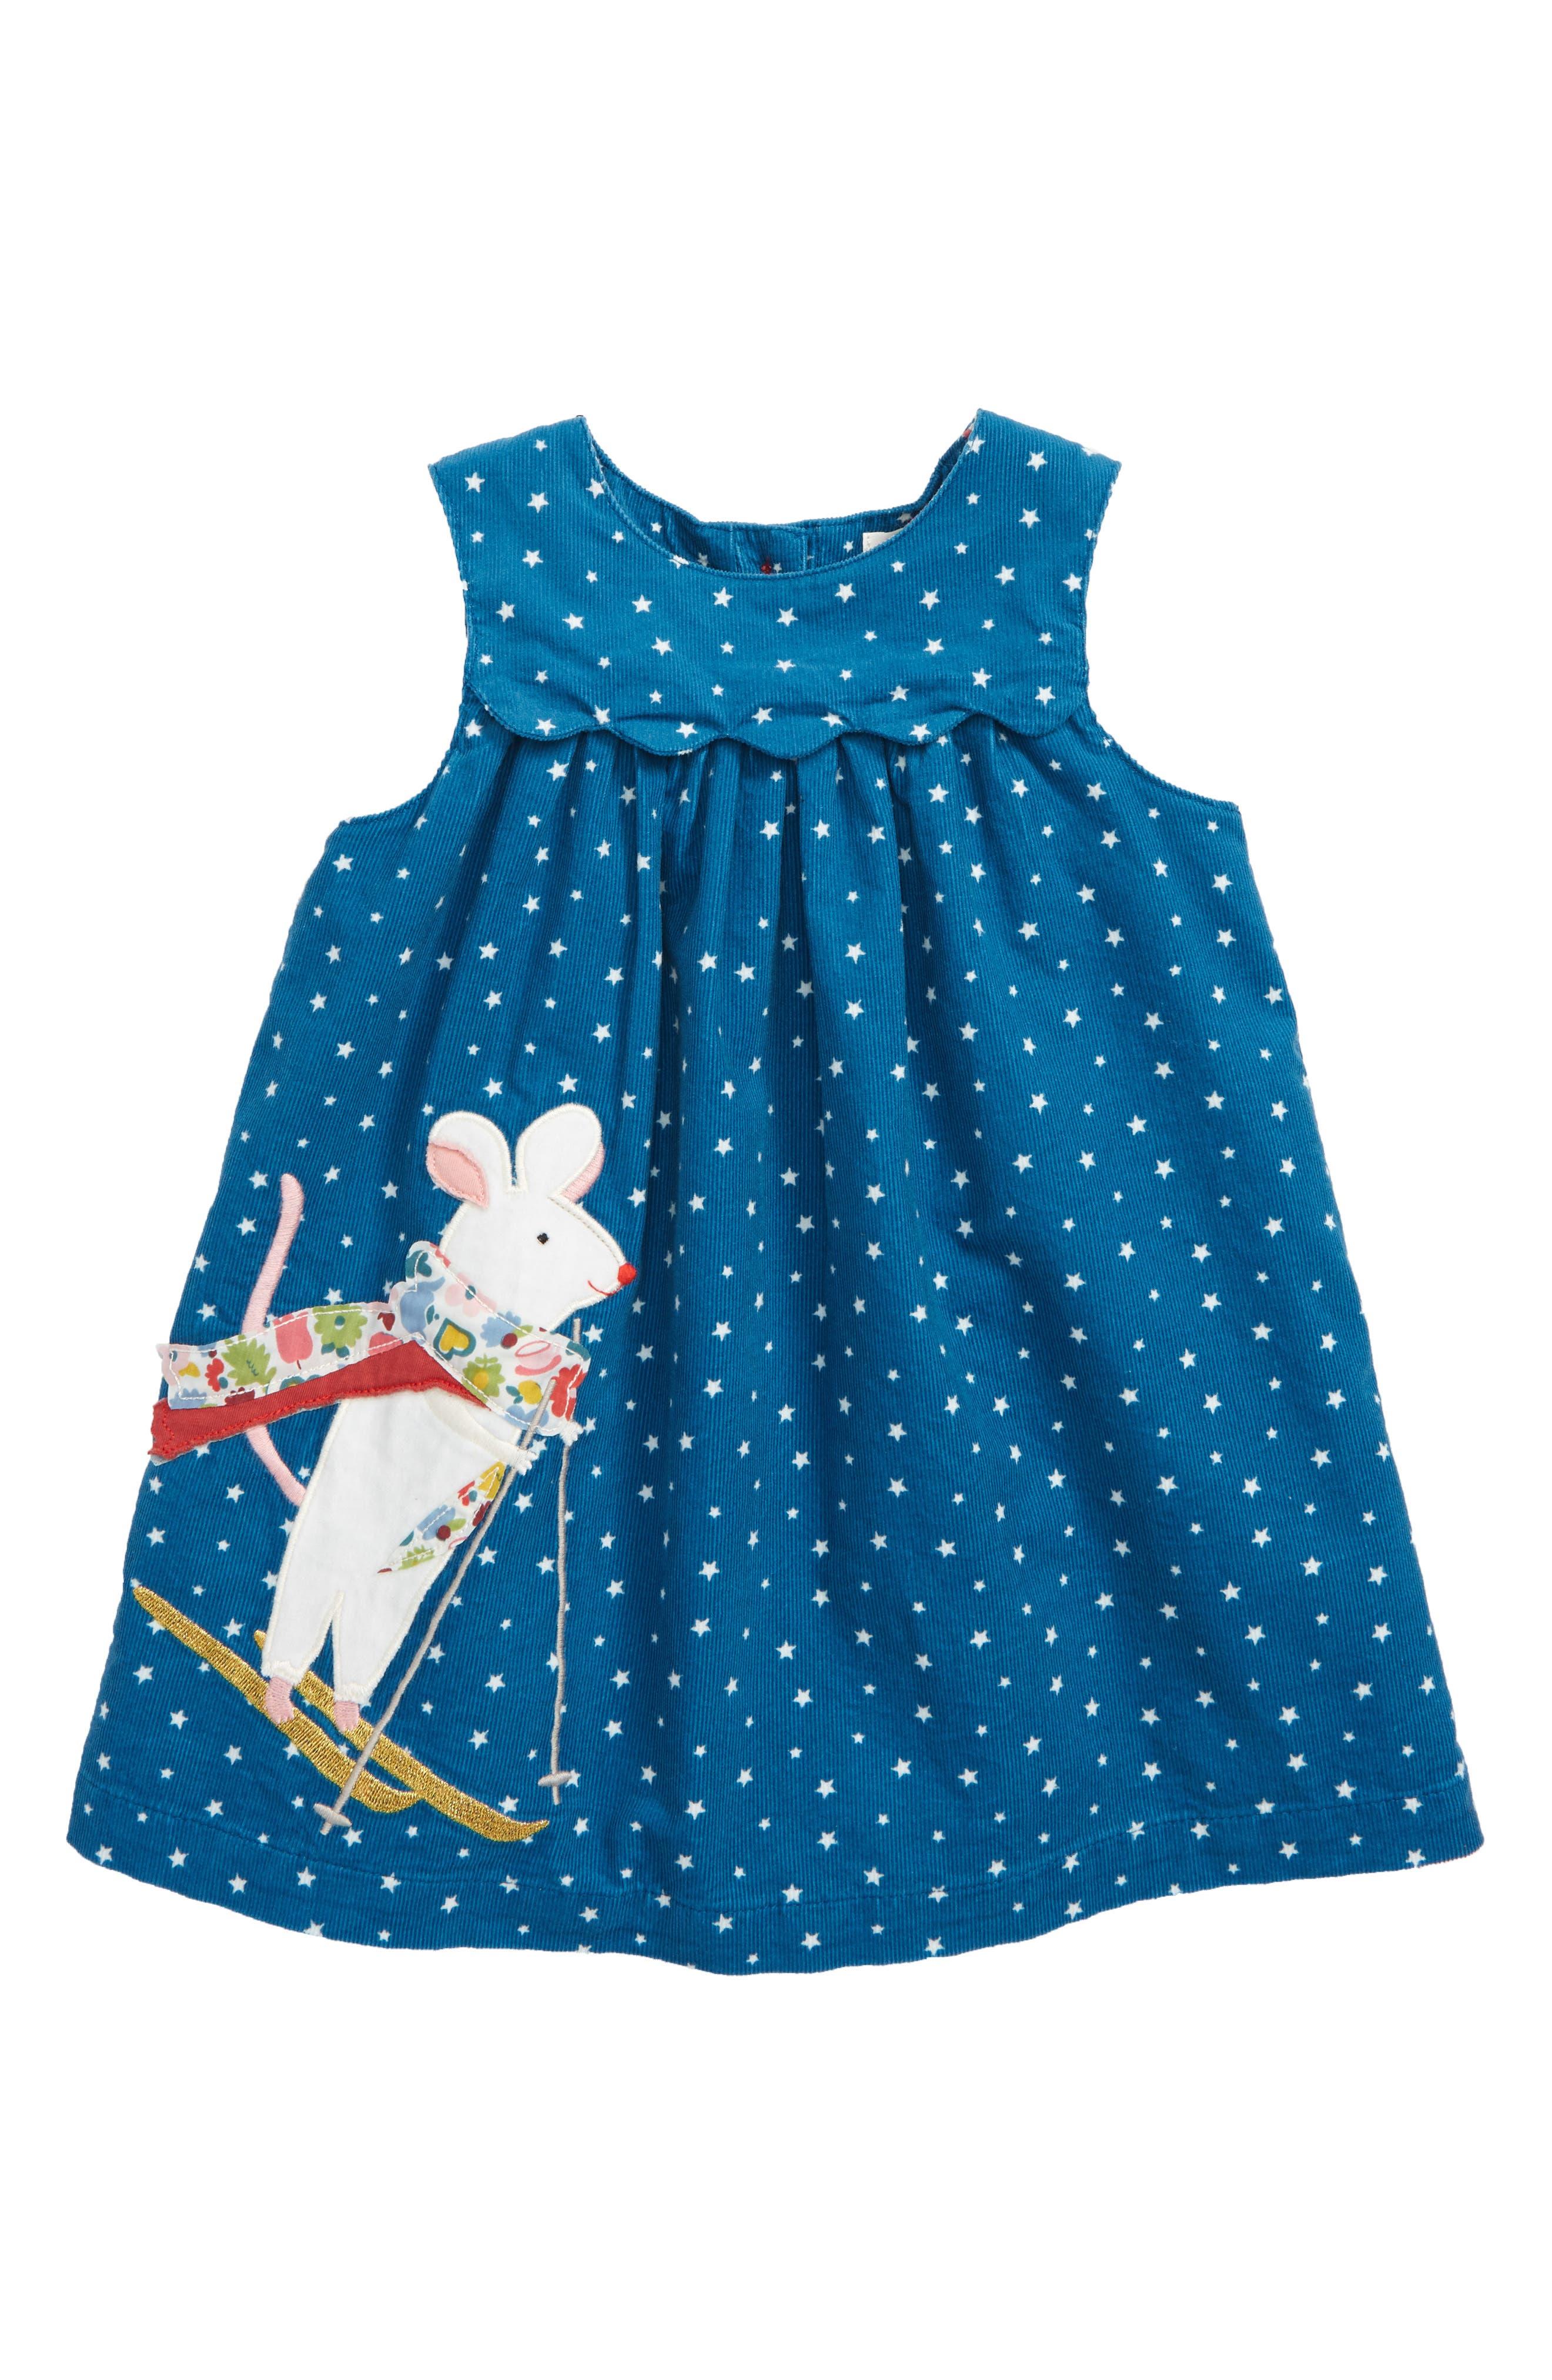 Appliqué Friends Corduroy Dress, Main, color, 400